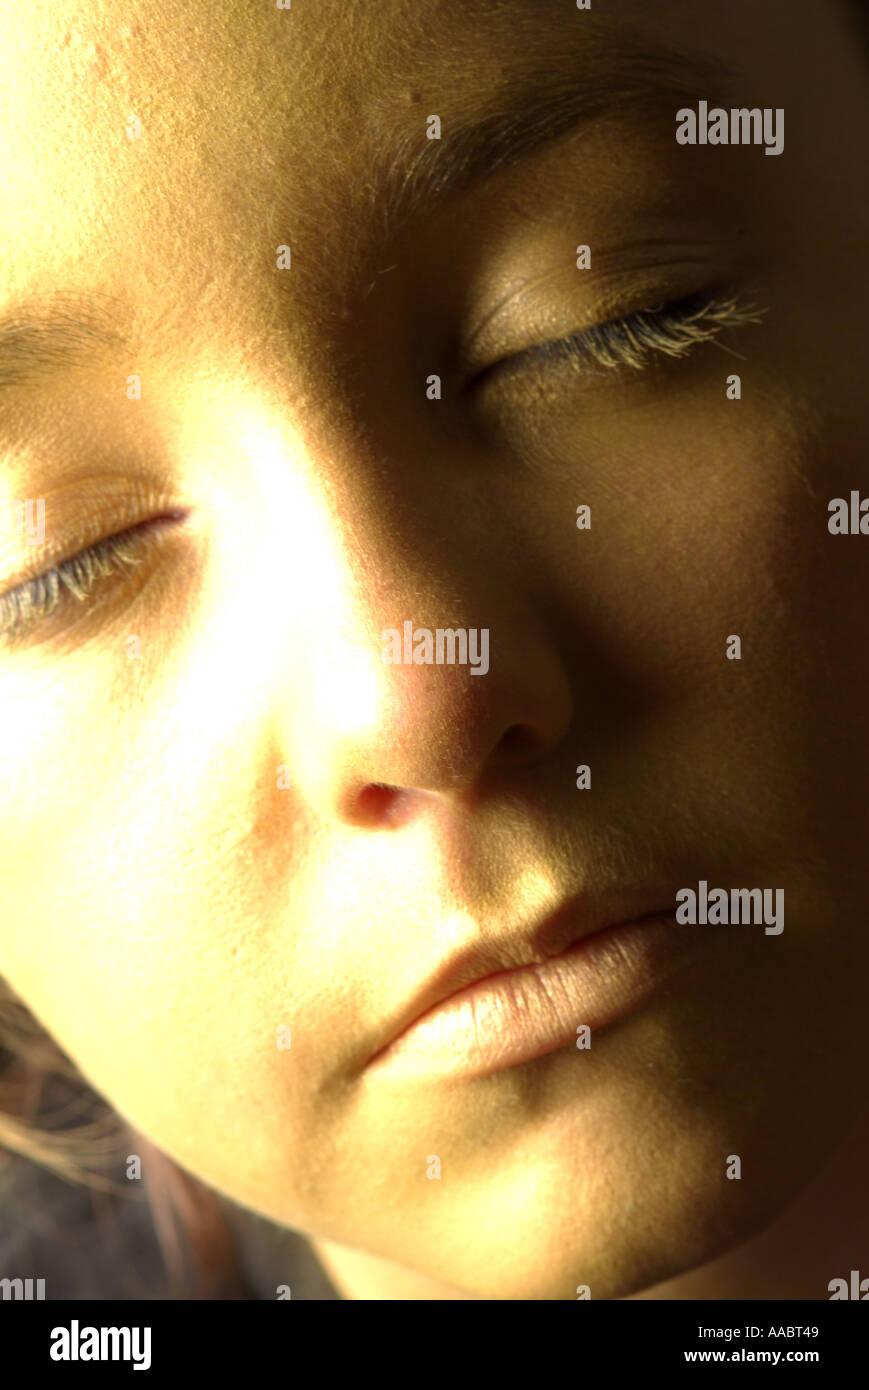 La faccia di oro oro ragazza faccia la ragazza con gli occhi chiusi di fronte centro solido Immagini Stock